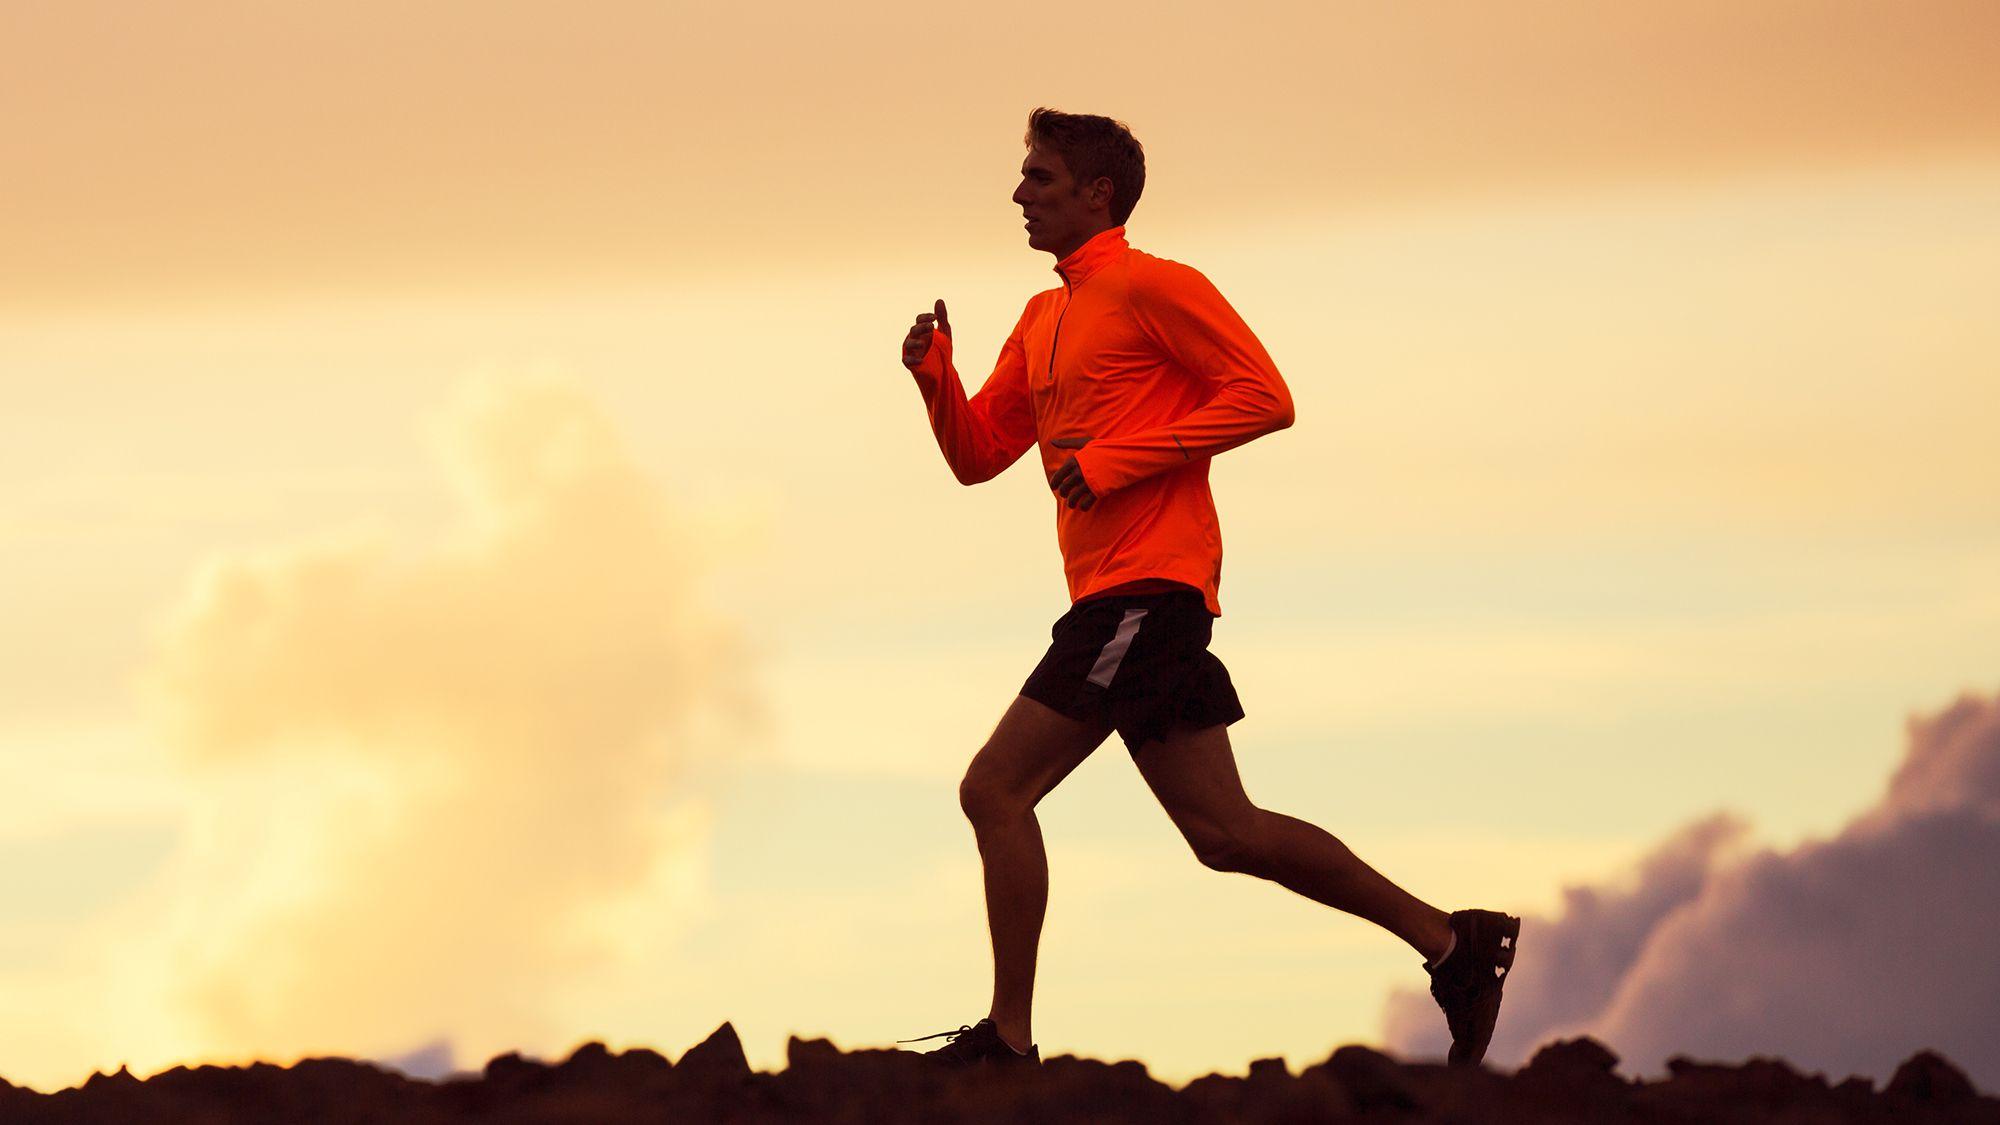 Sport Eto Sila Duh Nastroenie Zaryad Bodrosti Sport Uchit Stavit Celi I Dostigat Ih Nevziraya Na Ustalost Biznes Usp Running Workout Videos Running Race